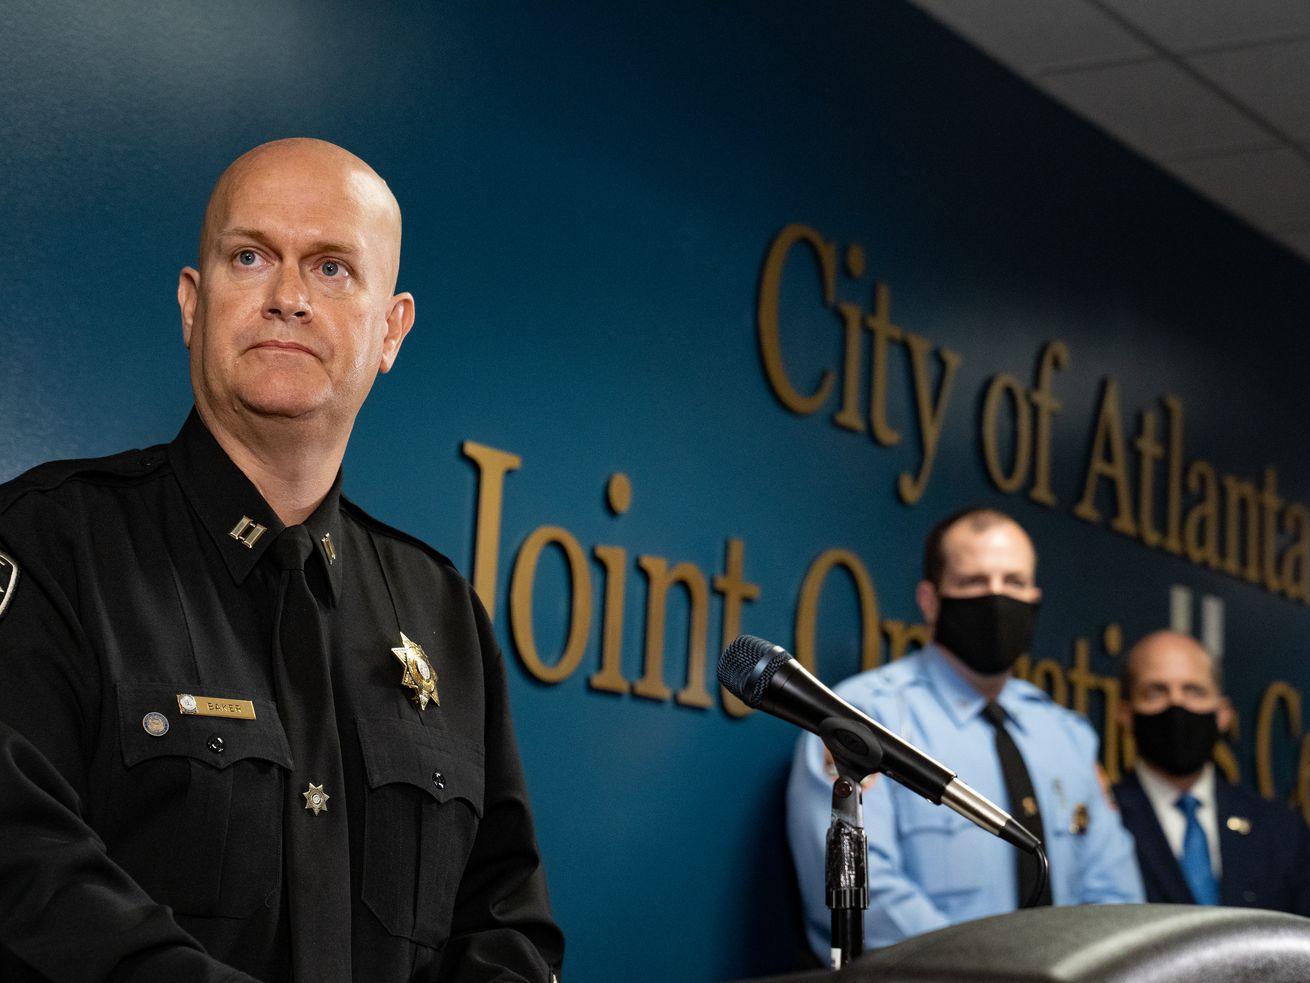 Prosecutor plans to seek death penalty in Atlanta area spa shootings